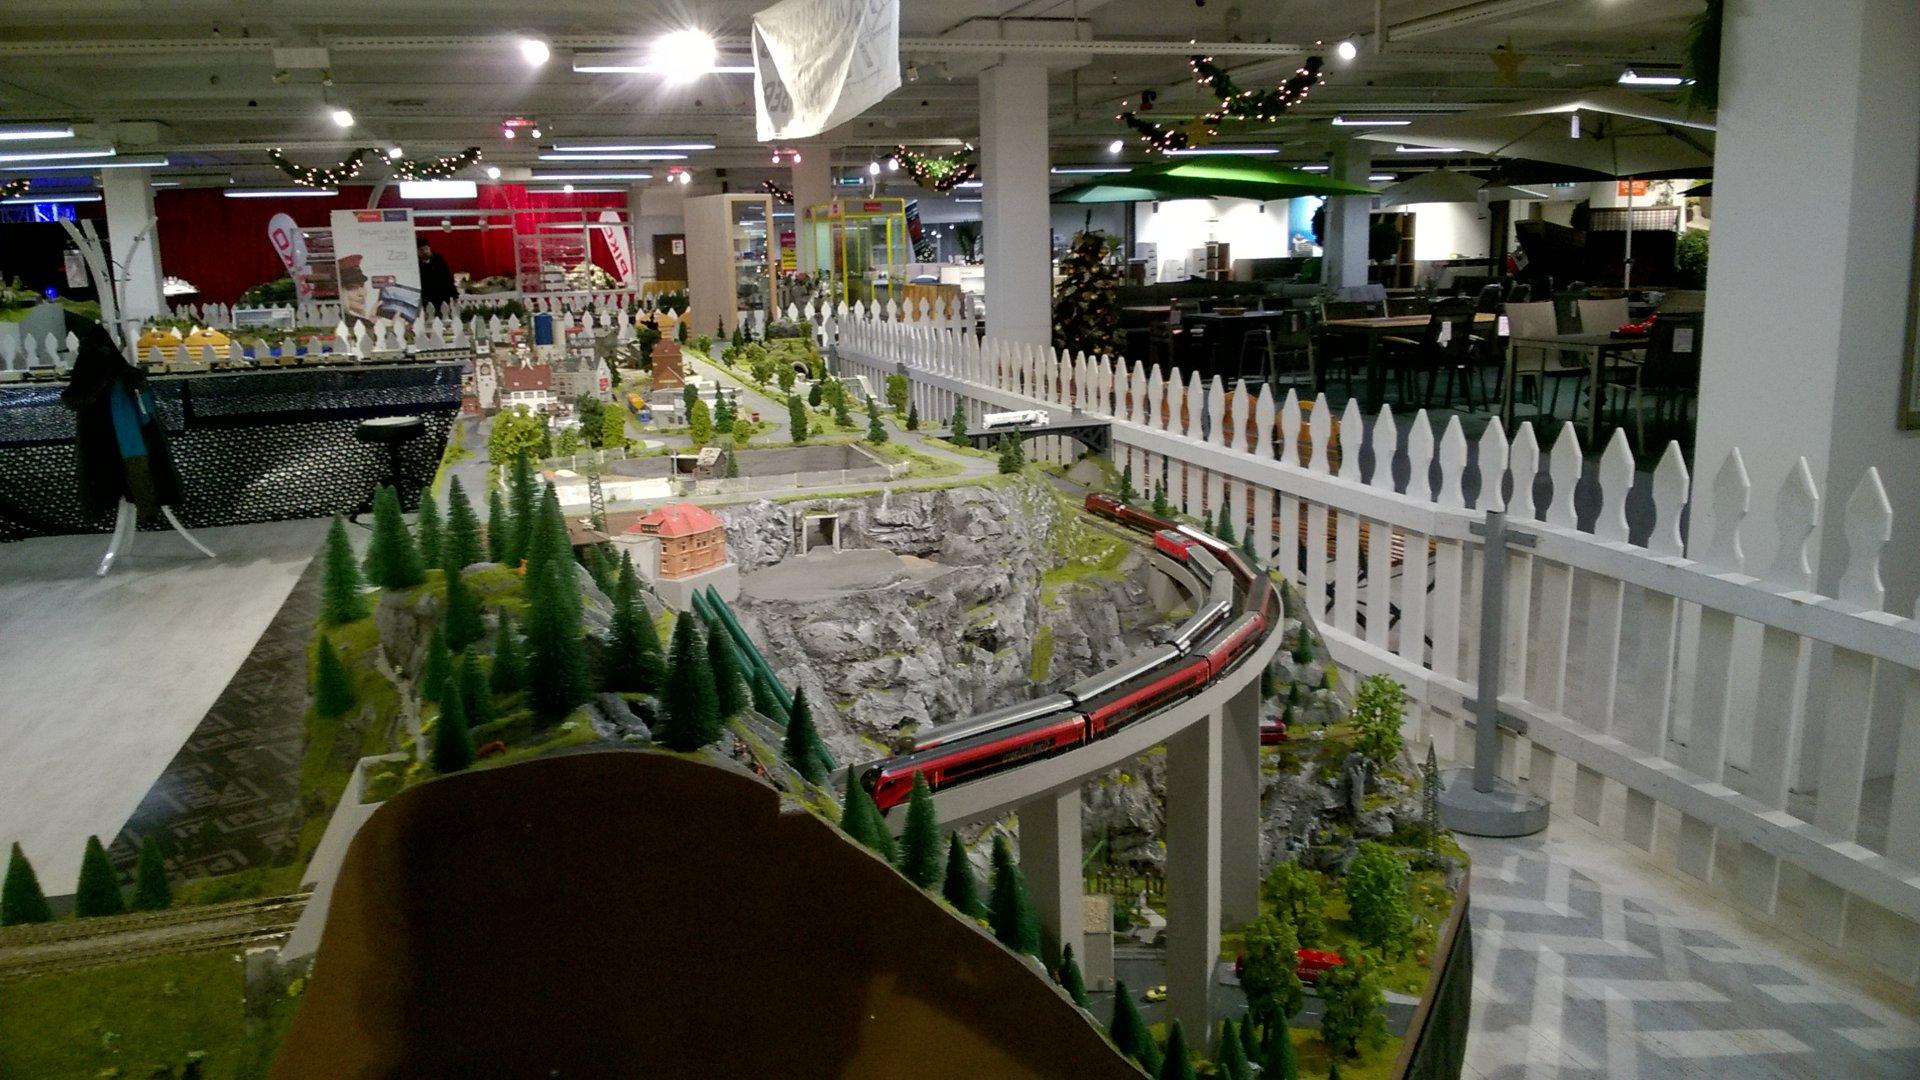 19 Modellbahnausstellung Bei Möbel Inhofer In Senden Ulmer Str 50